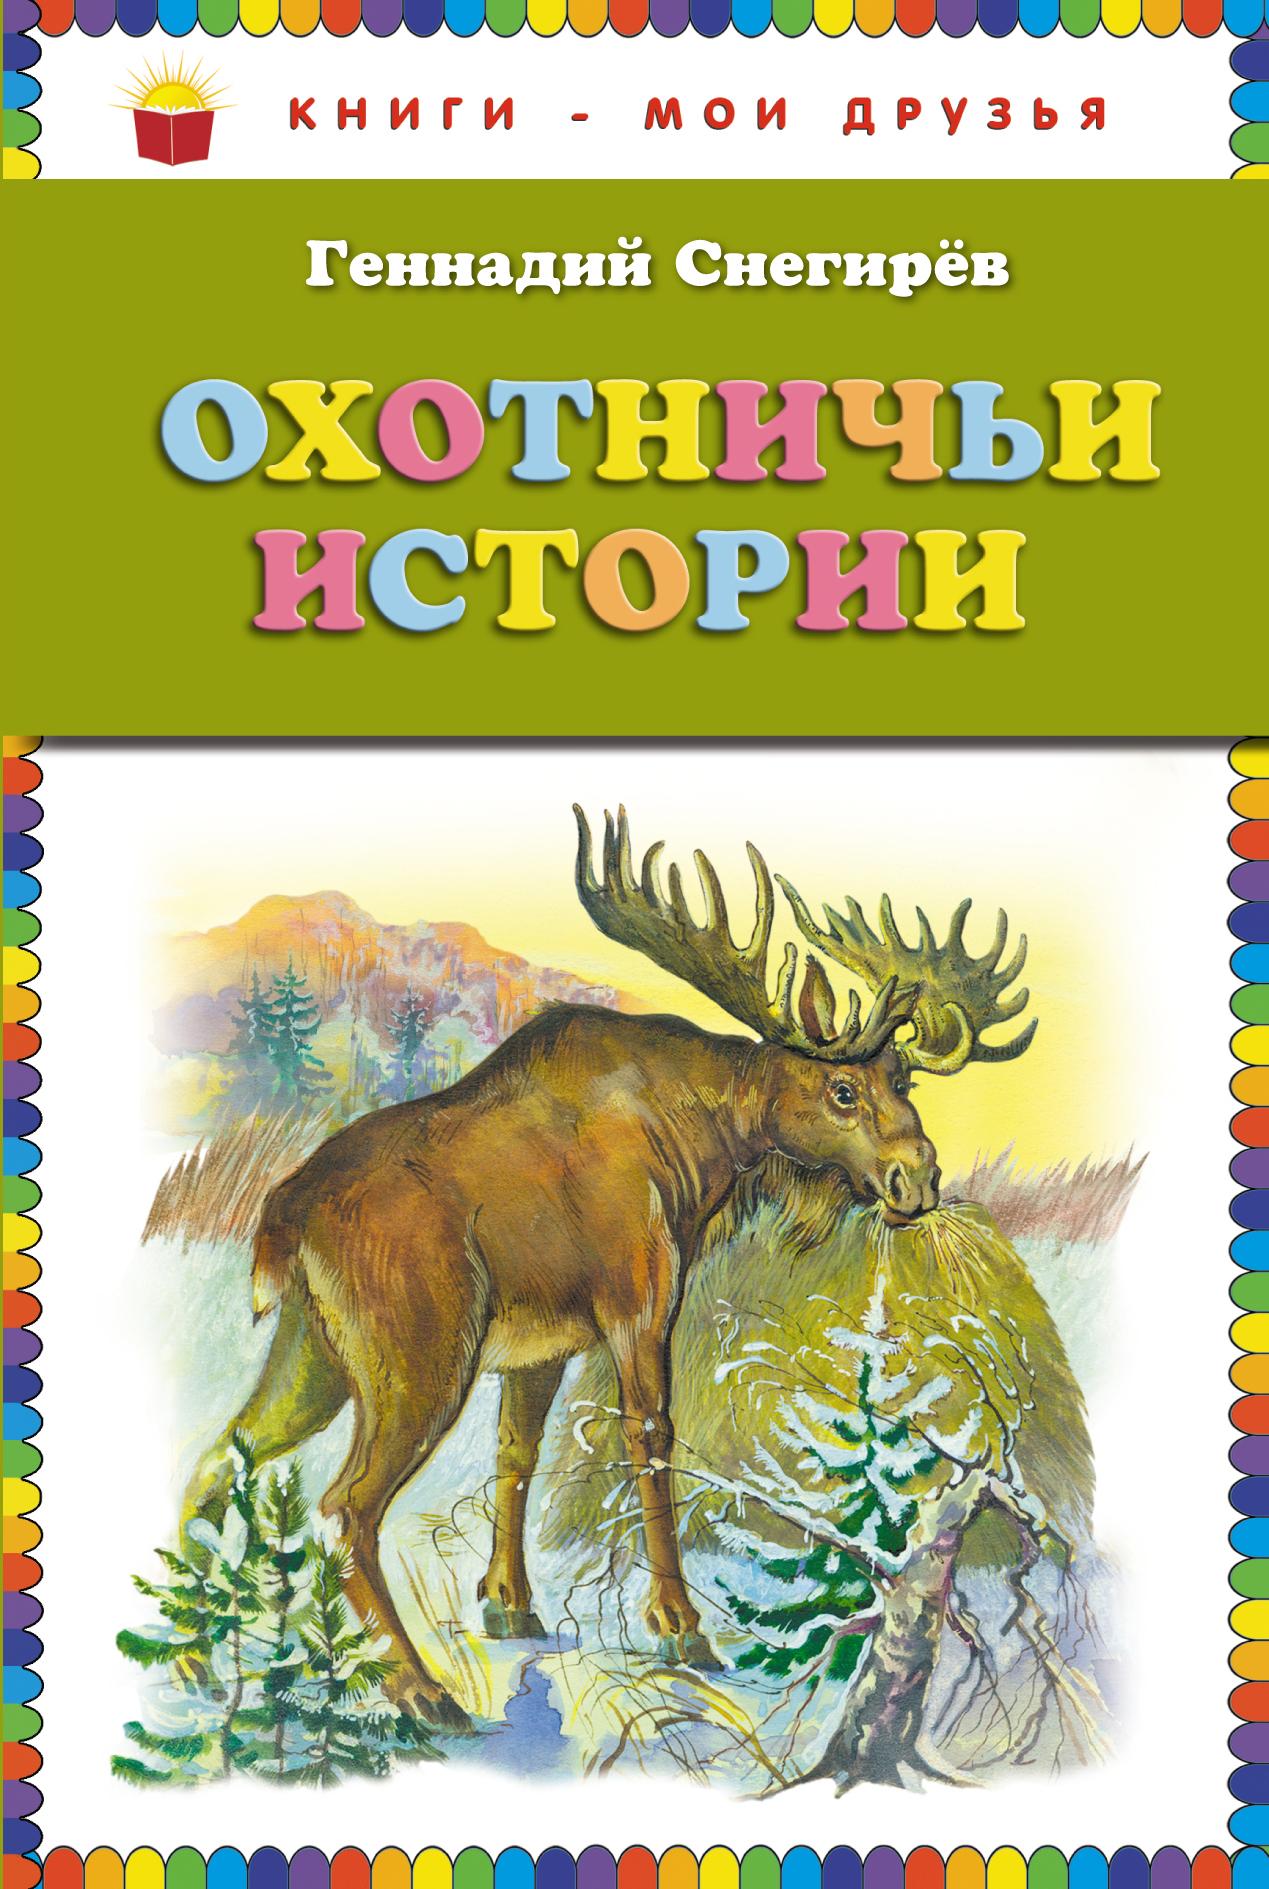 Снегирев Г.Я. истории (ст. изд.)